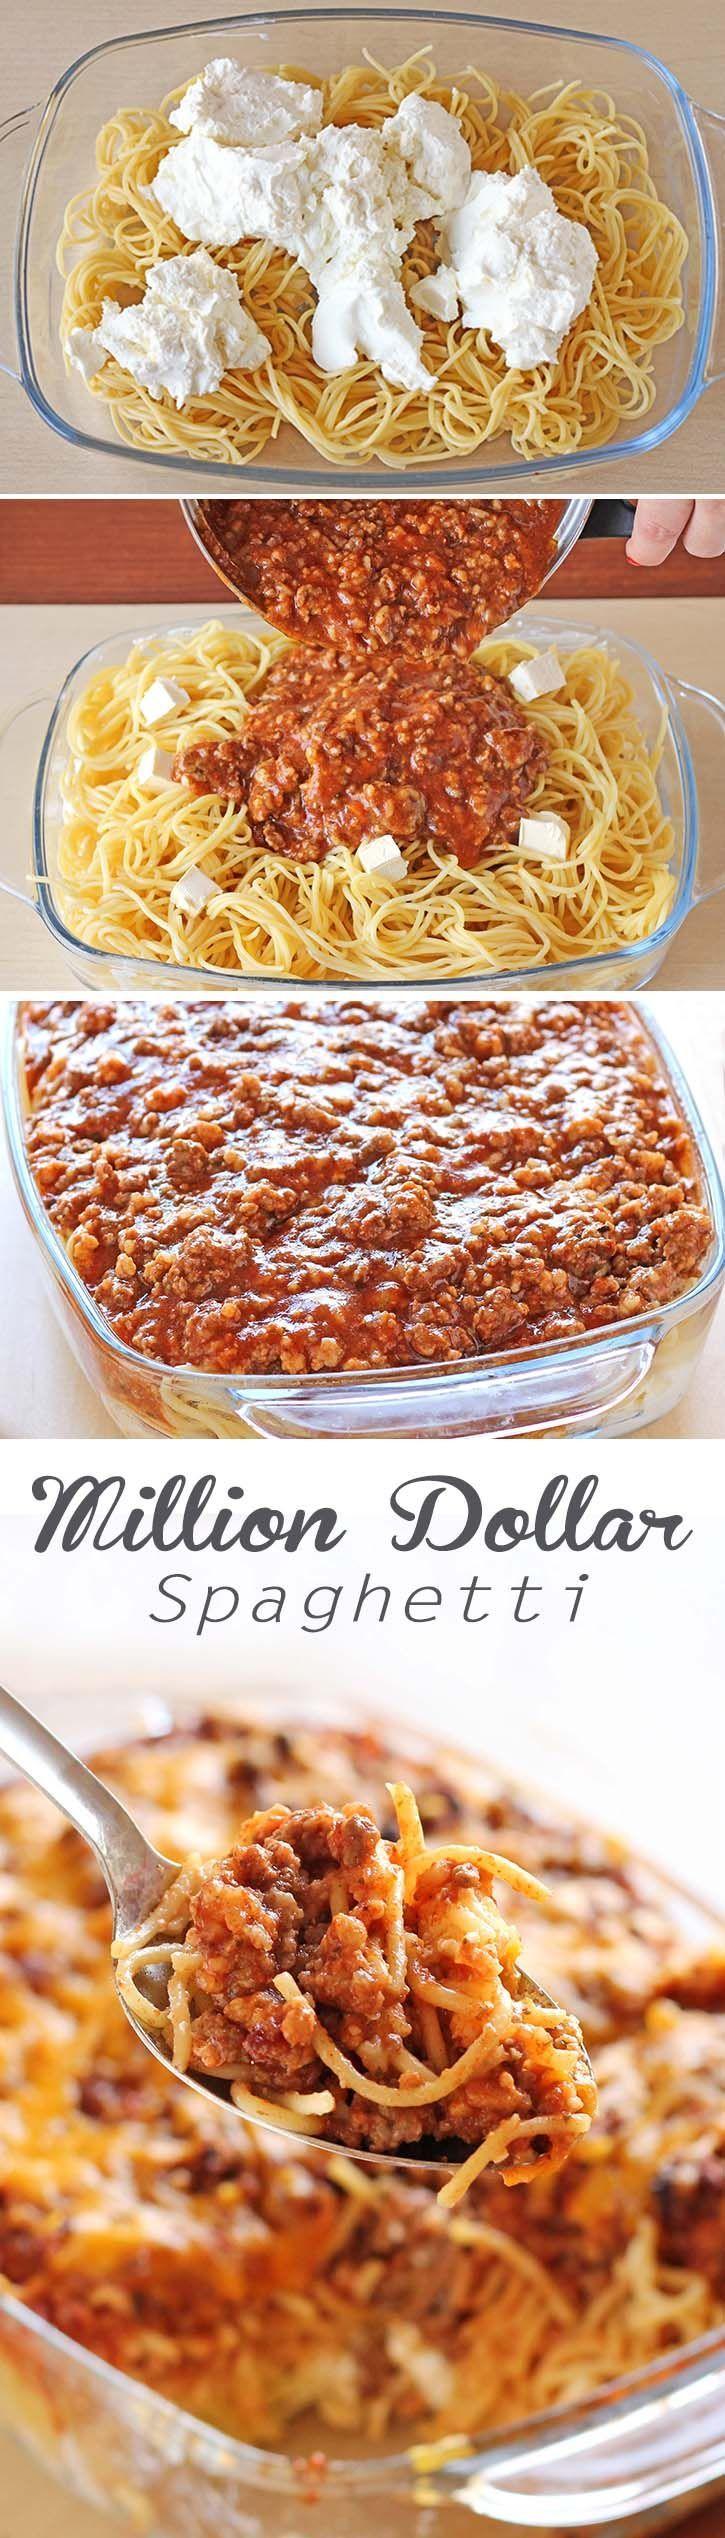 ¡Deliciosos espaguettis con queso y carne molida! ¿Su secreto? Una combinación de queso cheddar, queso cottage, queso crema y un toque de crema agria para darle ese toque incomparable